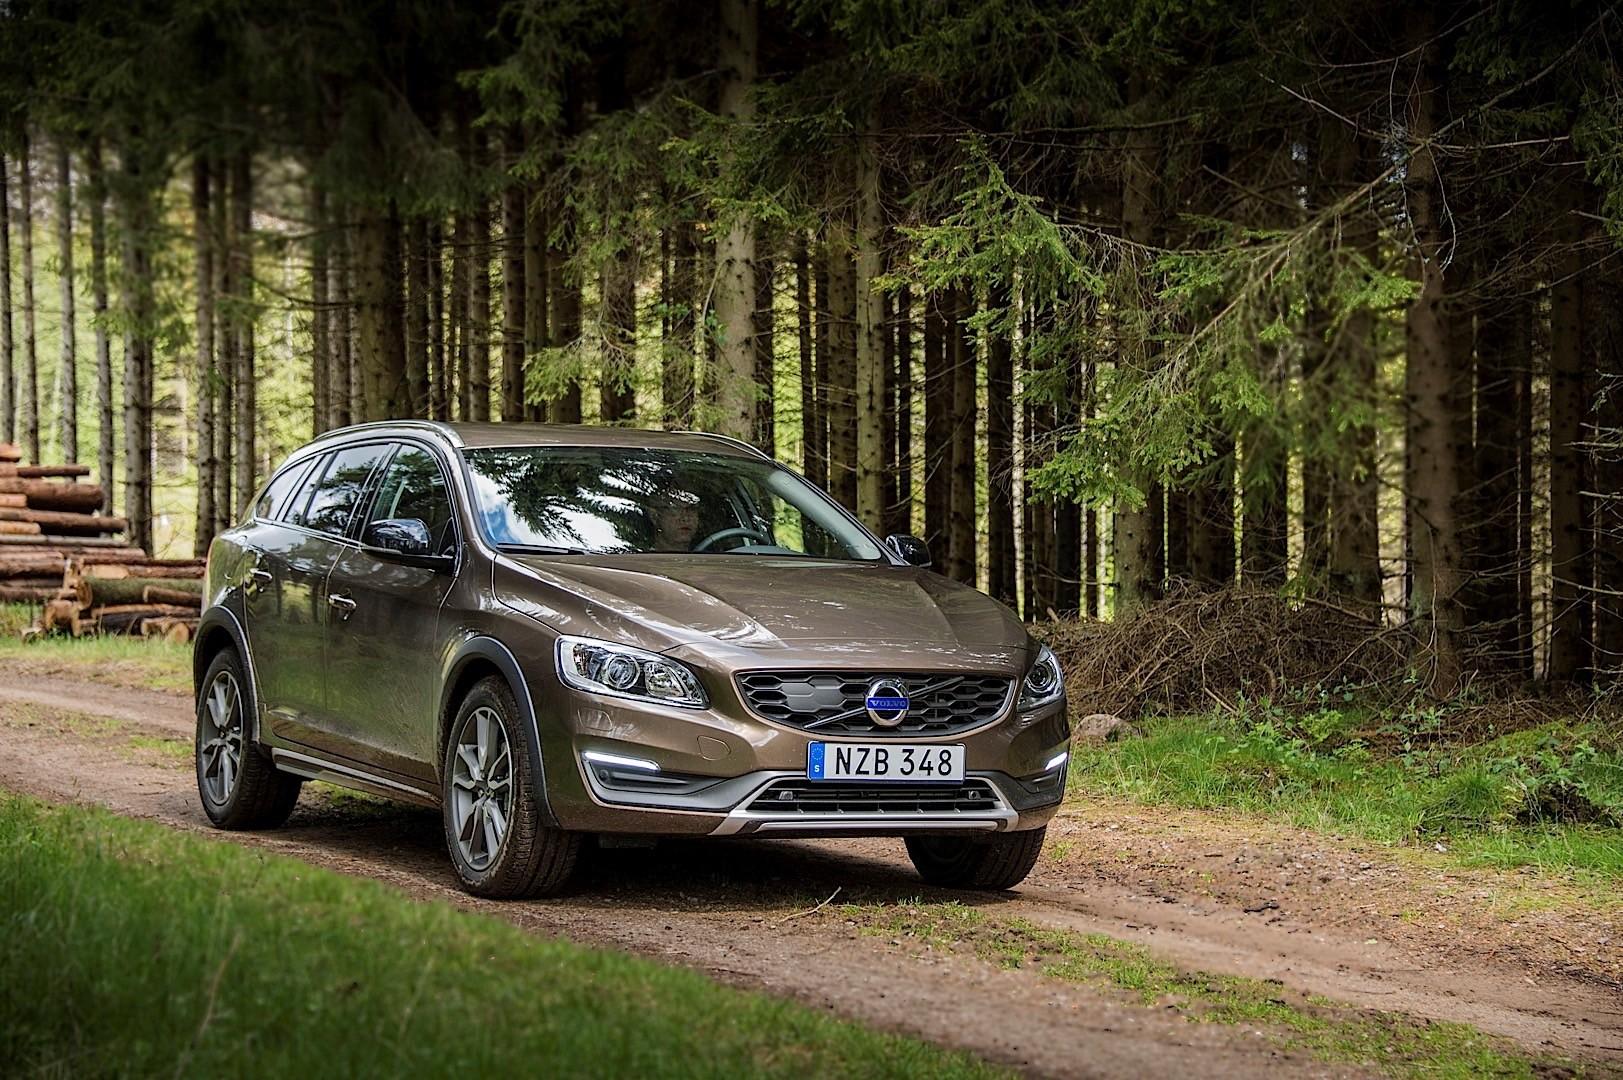 2017 Volvo Xc90 Hybrid >> VOLVO V60 Cross Country specs & photos - 2015, 2016, 2017 ...